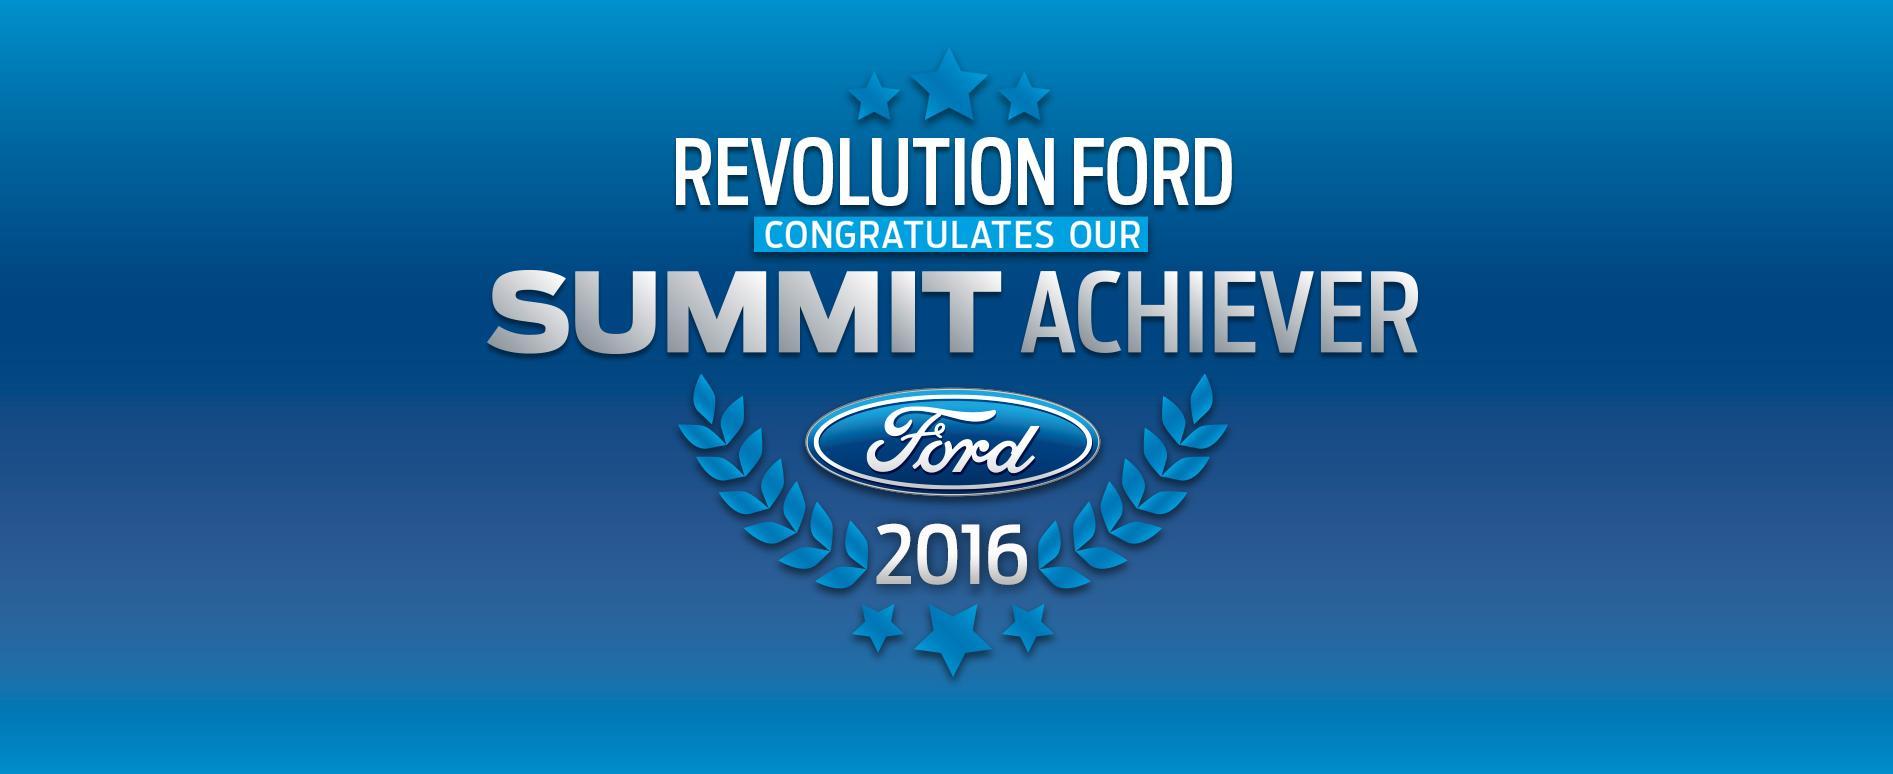 Revolution Ford Summit Achiever 2016